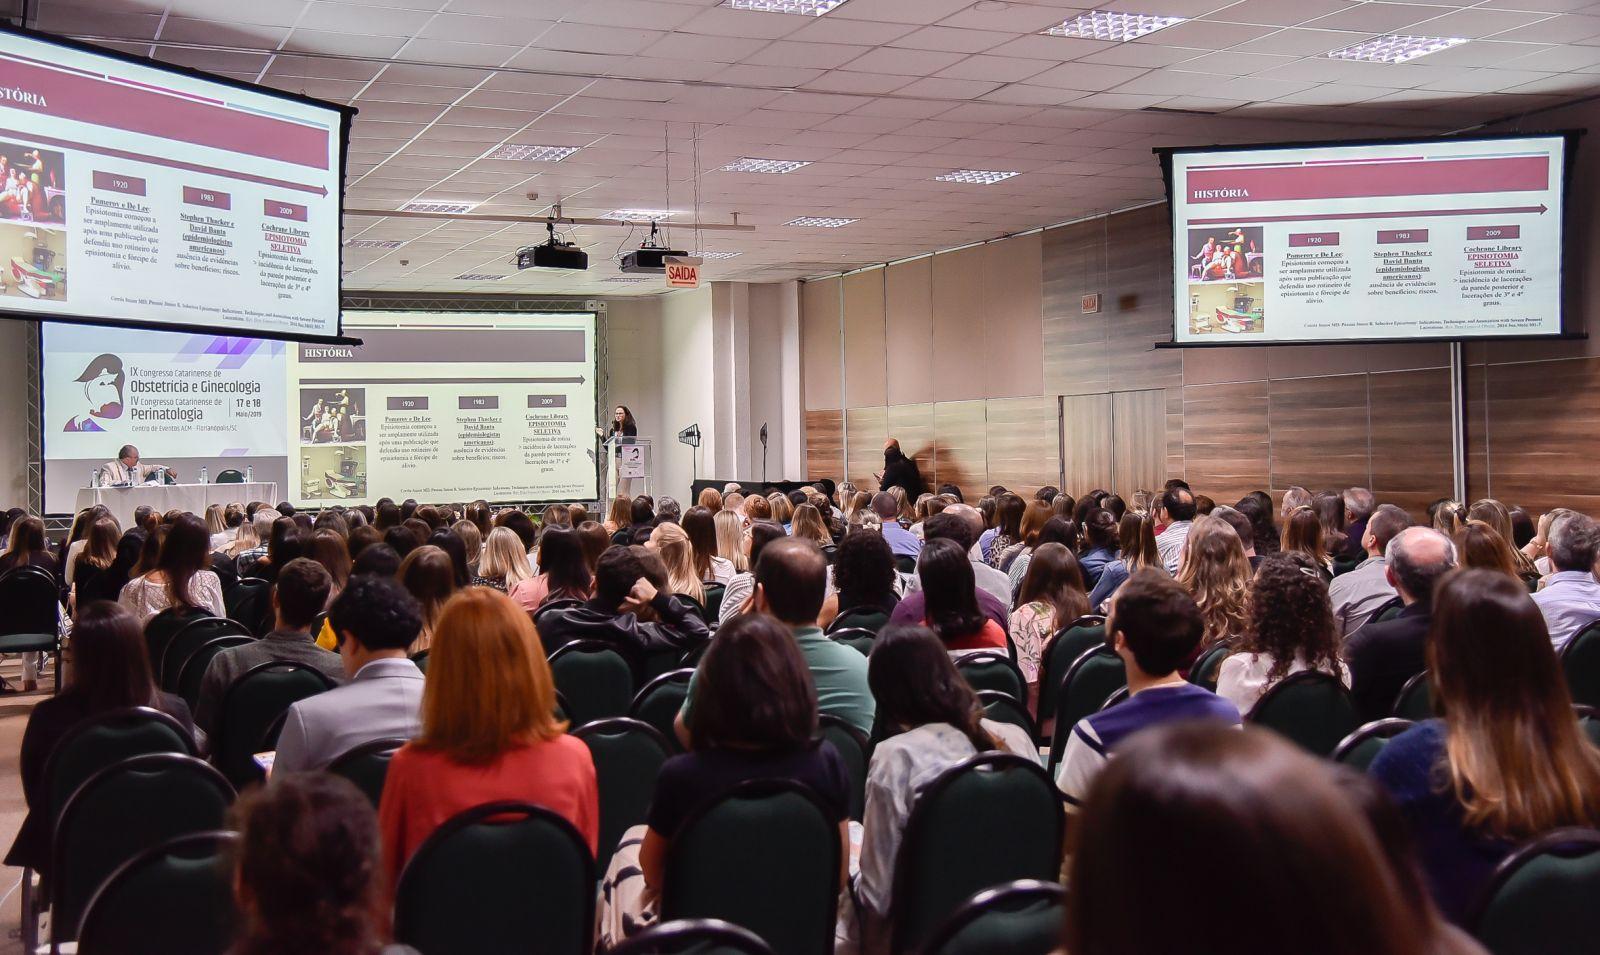 Congresso Catarinense de Obstetrícia, Ginecologia e Perinatologia